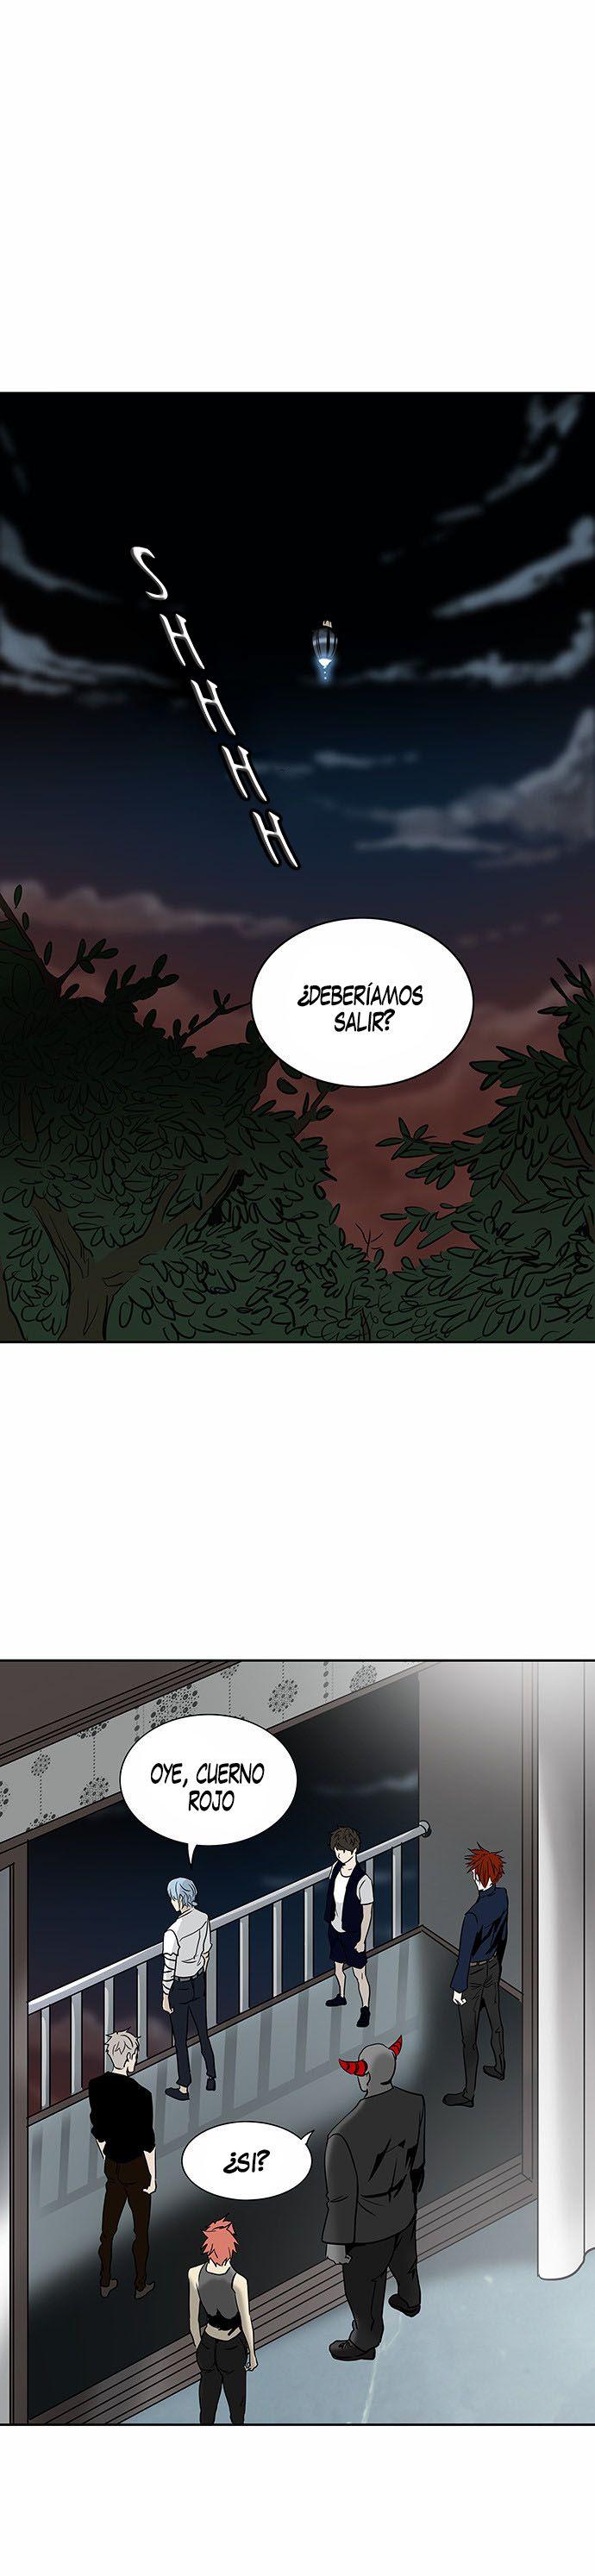 http://c5.ninemanga.com/es_manga/21/149/487447/13d429db192fbc7b5cabf9b936cf78e1.jpg Page 6